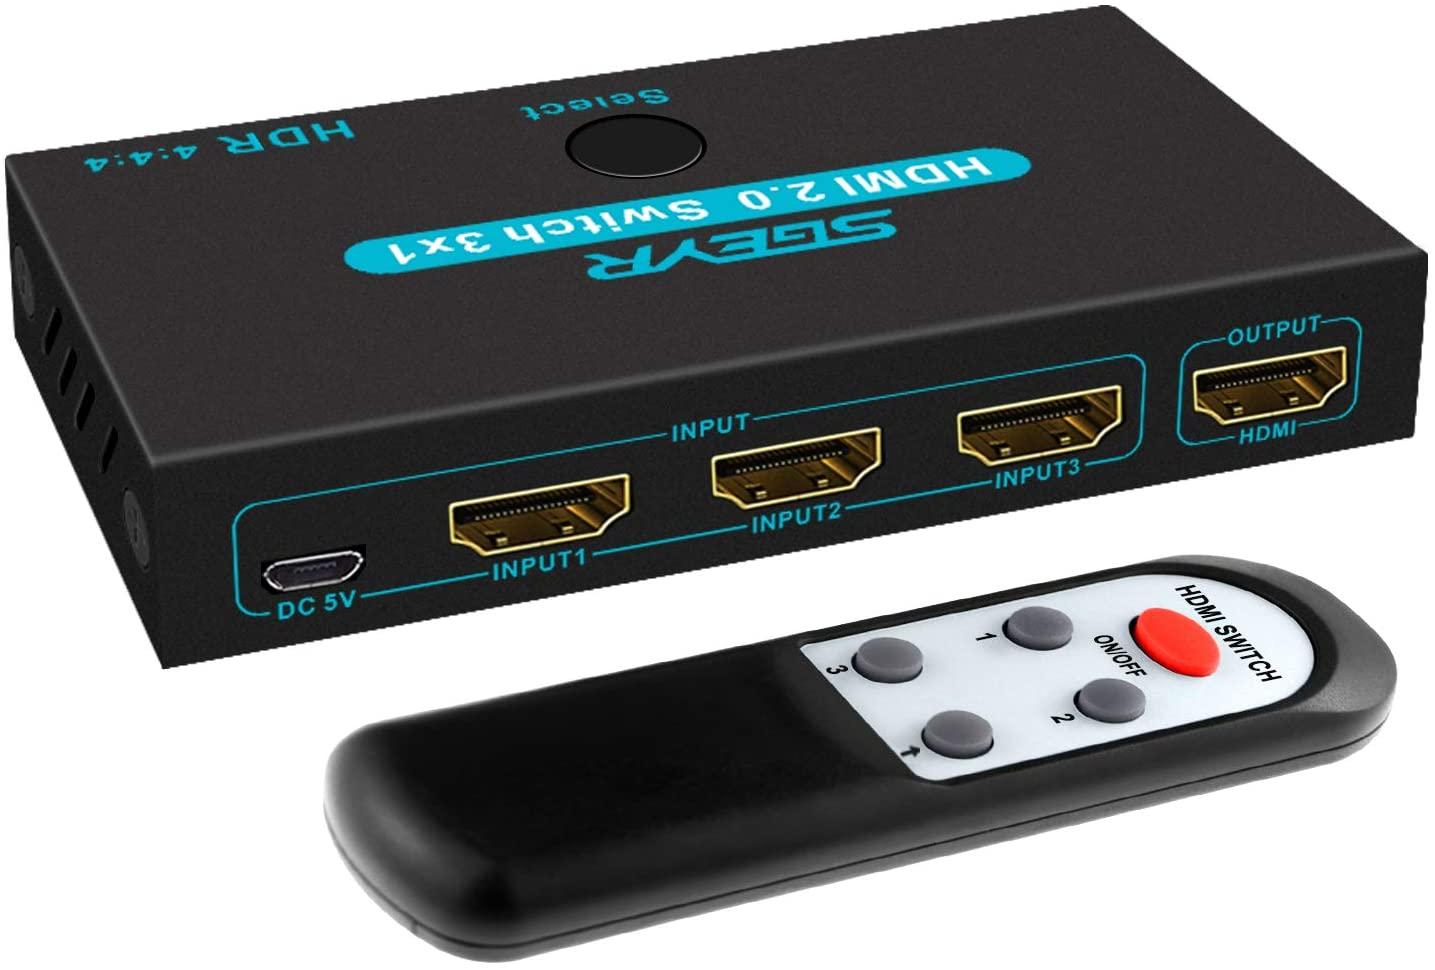 SGEYR HDMI Splitter